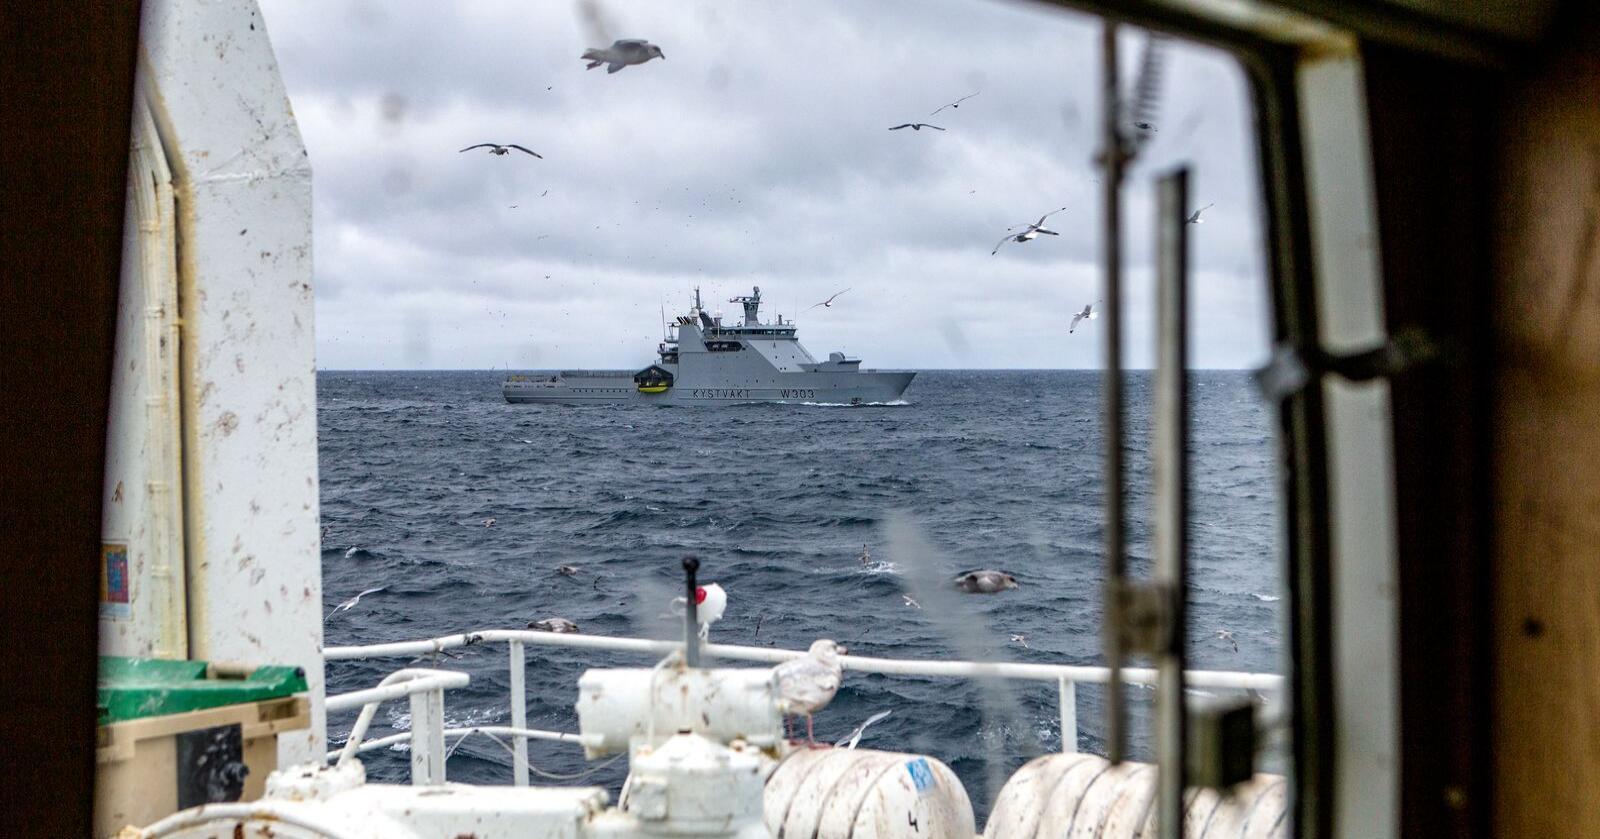 Europeisk fiskeriorganisasjon frykter konflikt mellom norske myndigheter og fiskere fra EU på nyåret, dersom regjeringen velger å håndheve beslutningen om å nekte EU-flåten adgang til norske fiskerisoner til EU signerer en ny fiskeriavtale. Foto: Betzy Hanninen / Forsvaret